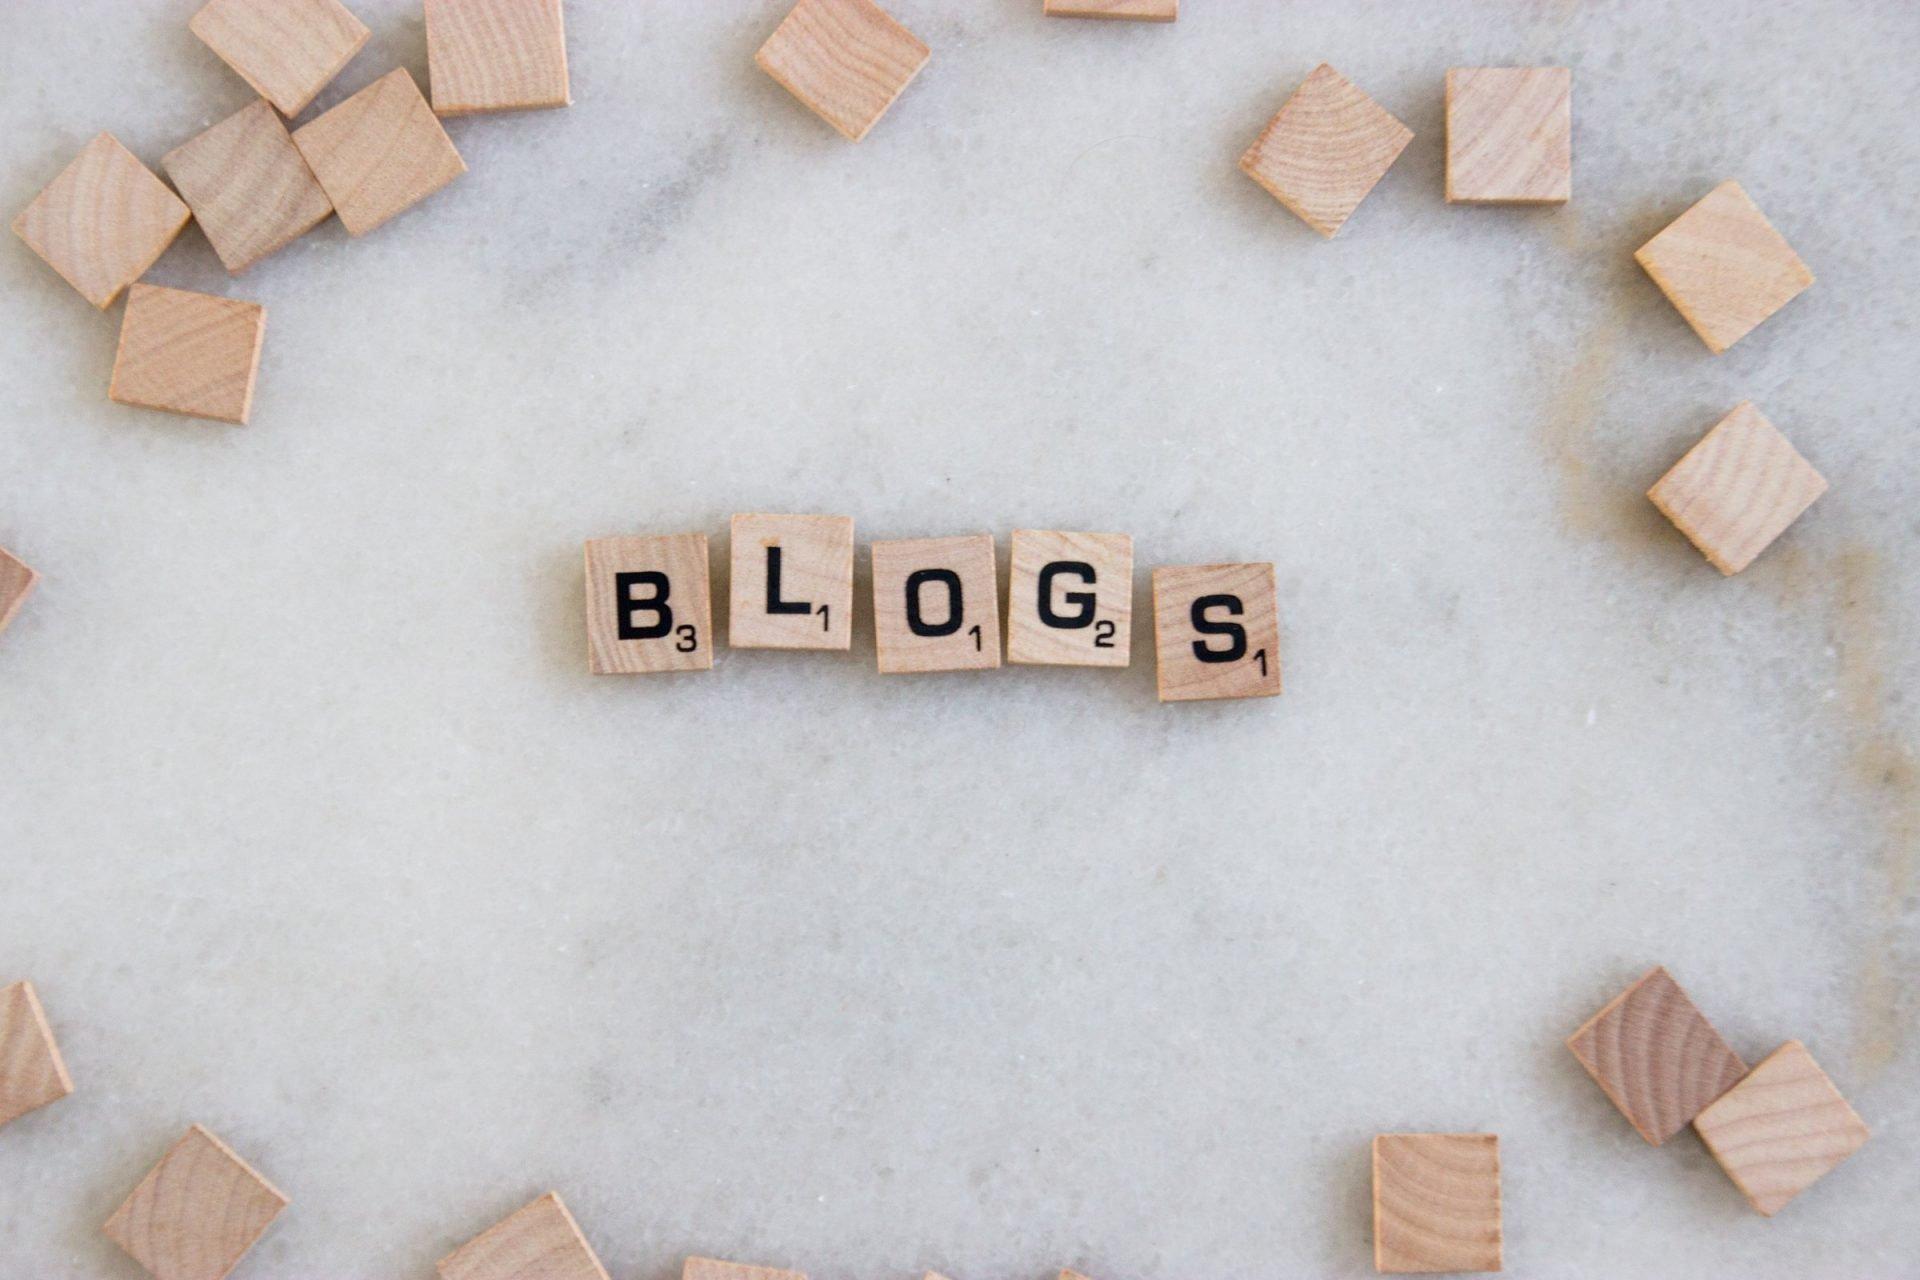 Word Blogs In Scrabble Tiles